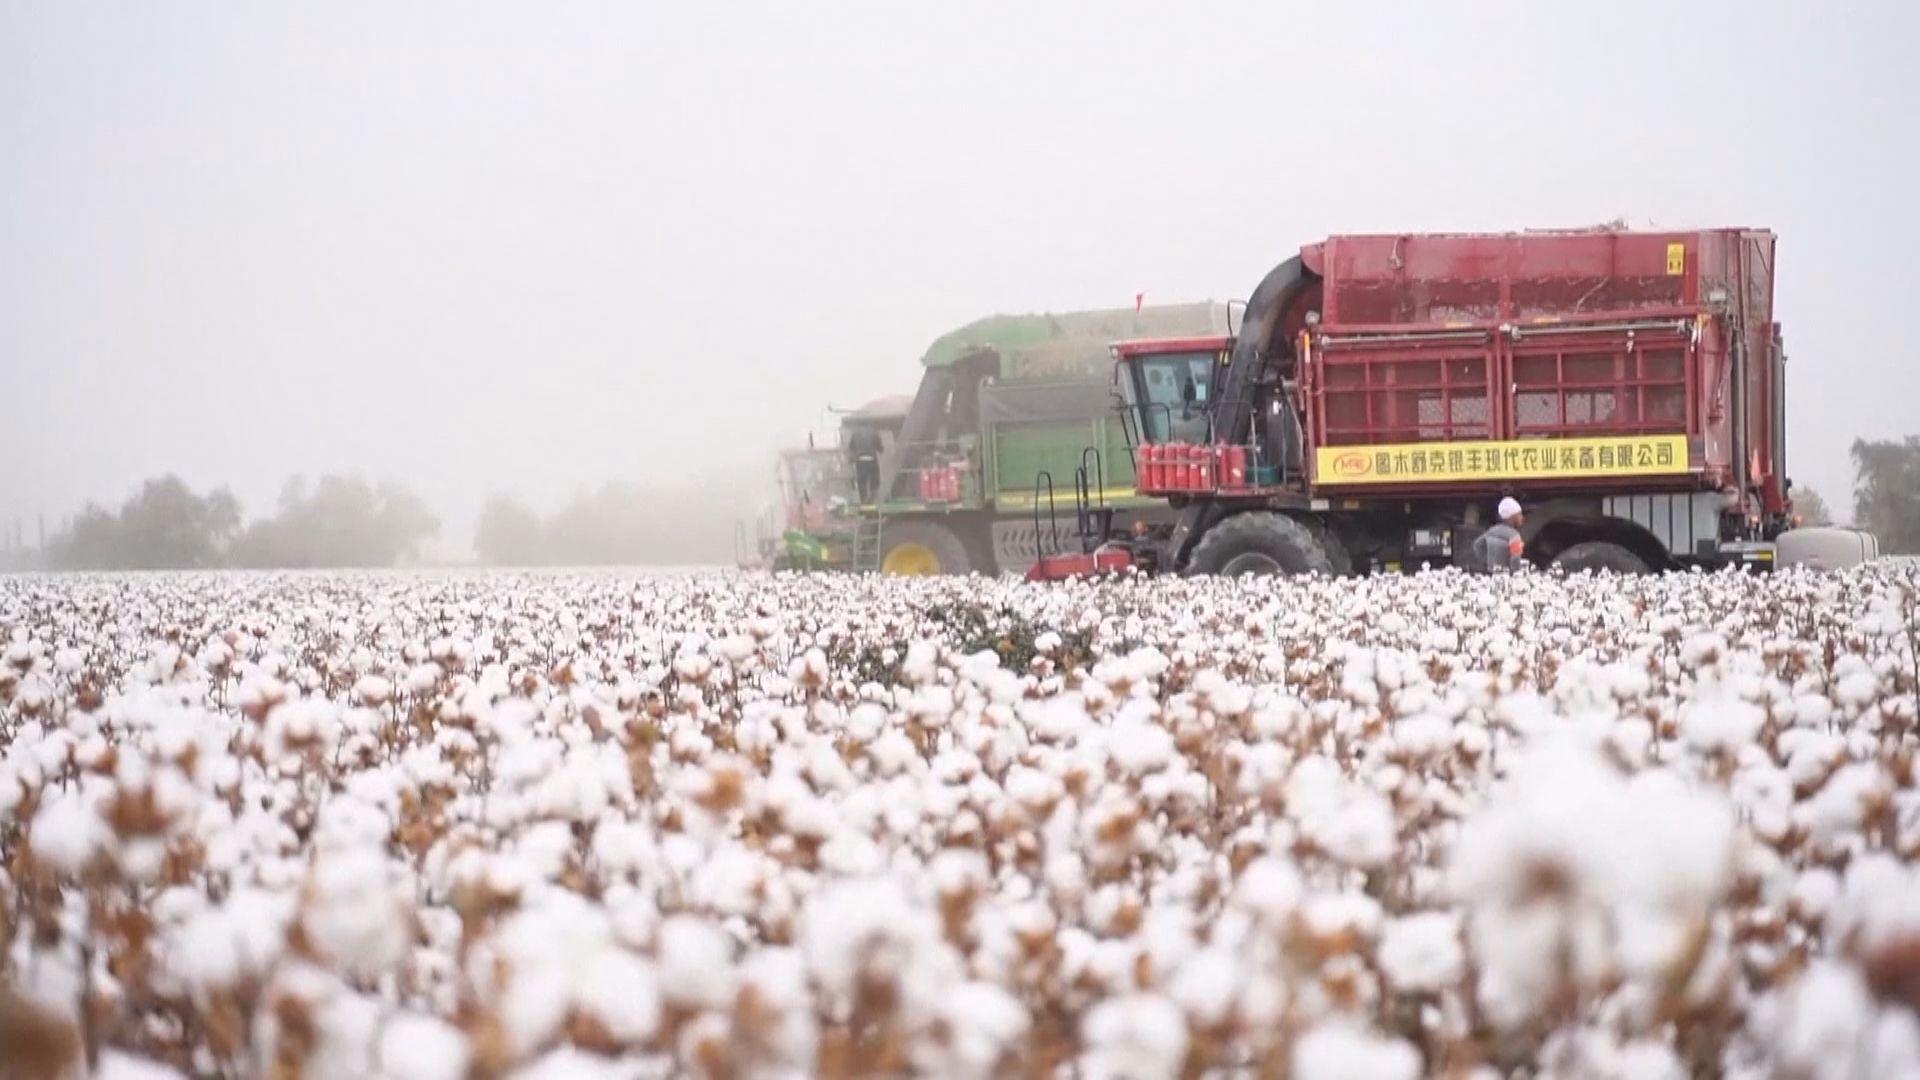 報道指美國或禁止入口新疆棉製品